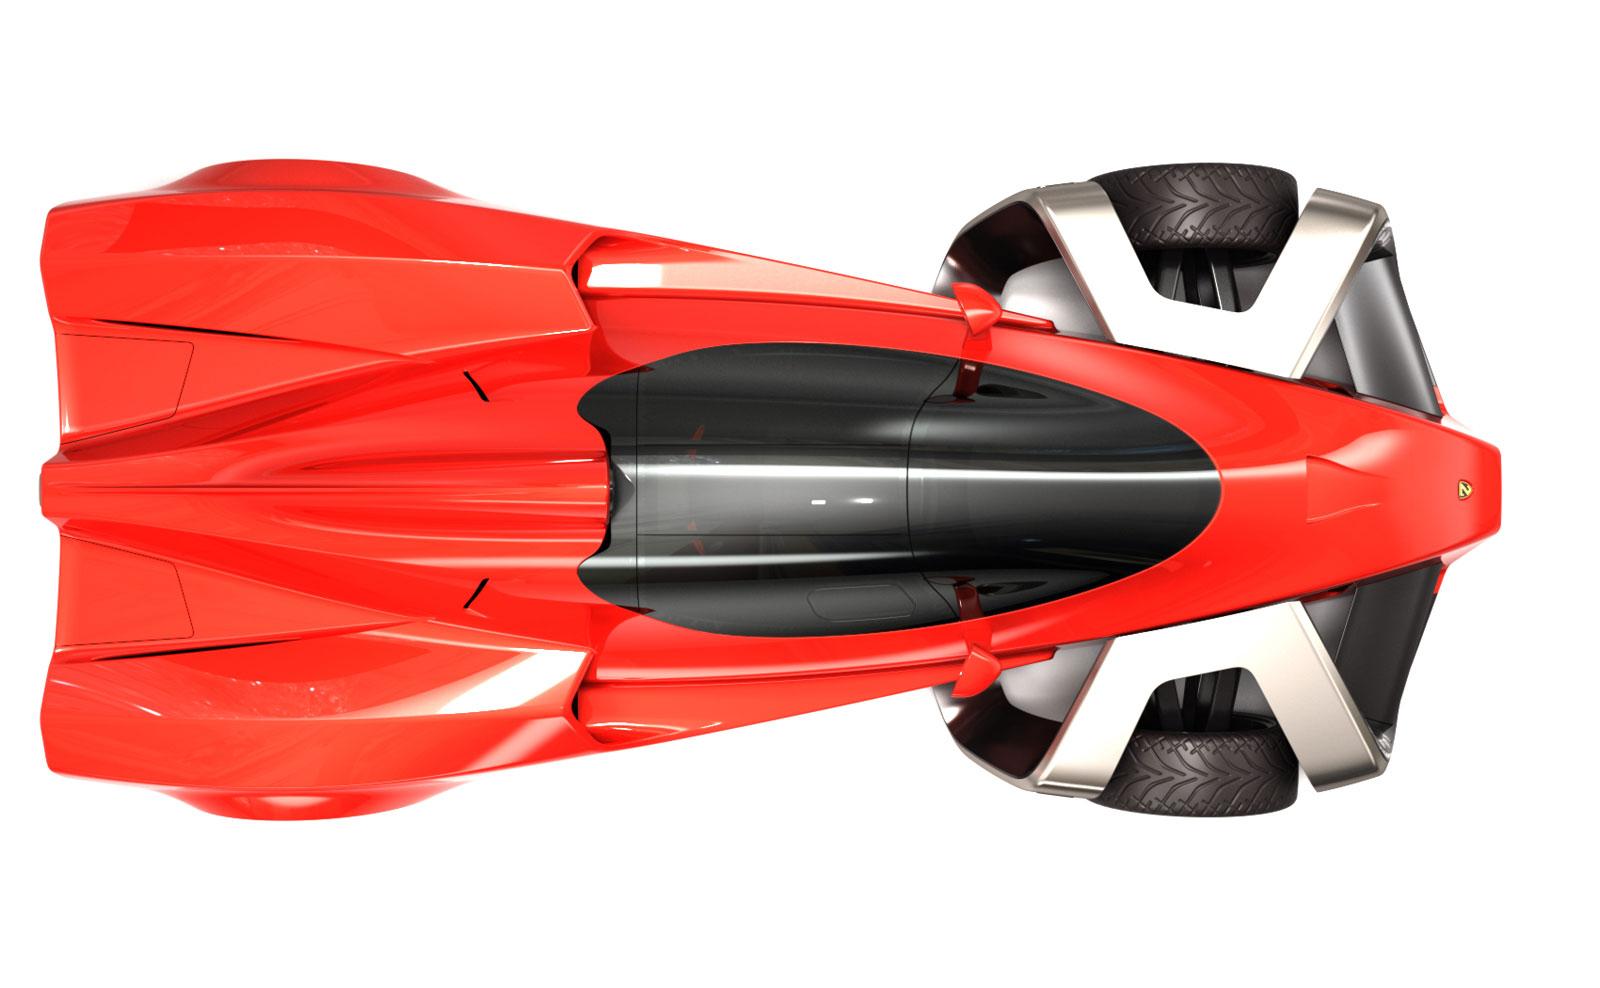 http://www.diseno-art.com/news_content/wp-content/uploads/2013/10/Ferrari-Zoubin-concept-9.jpg